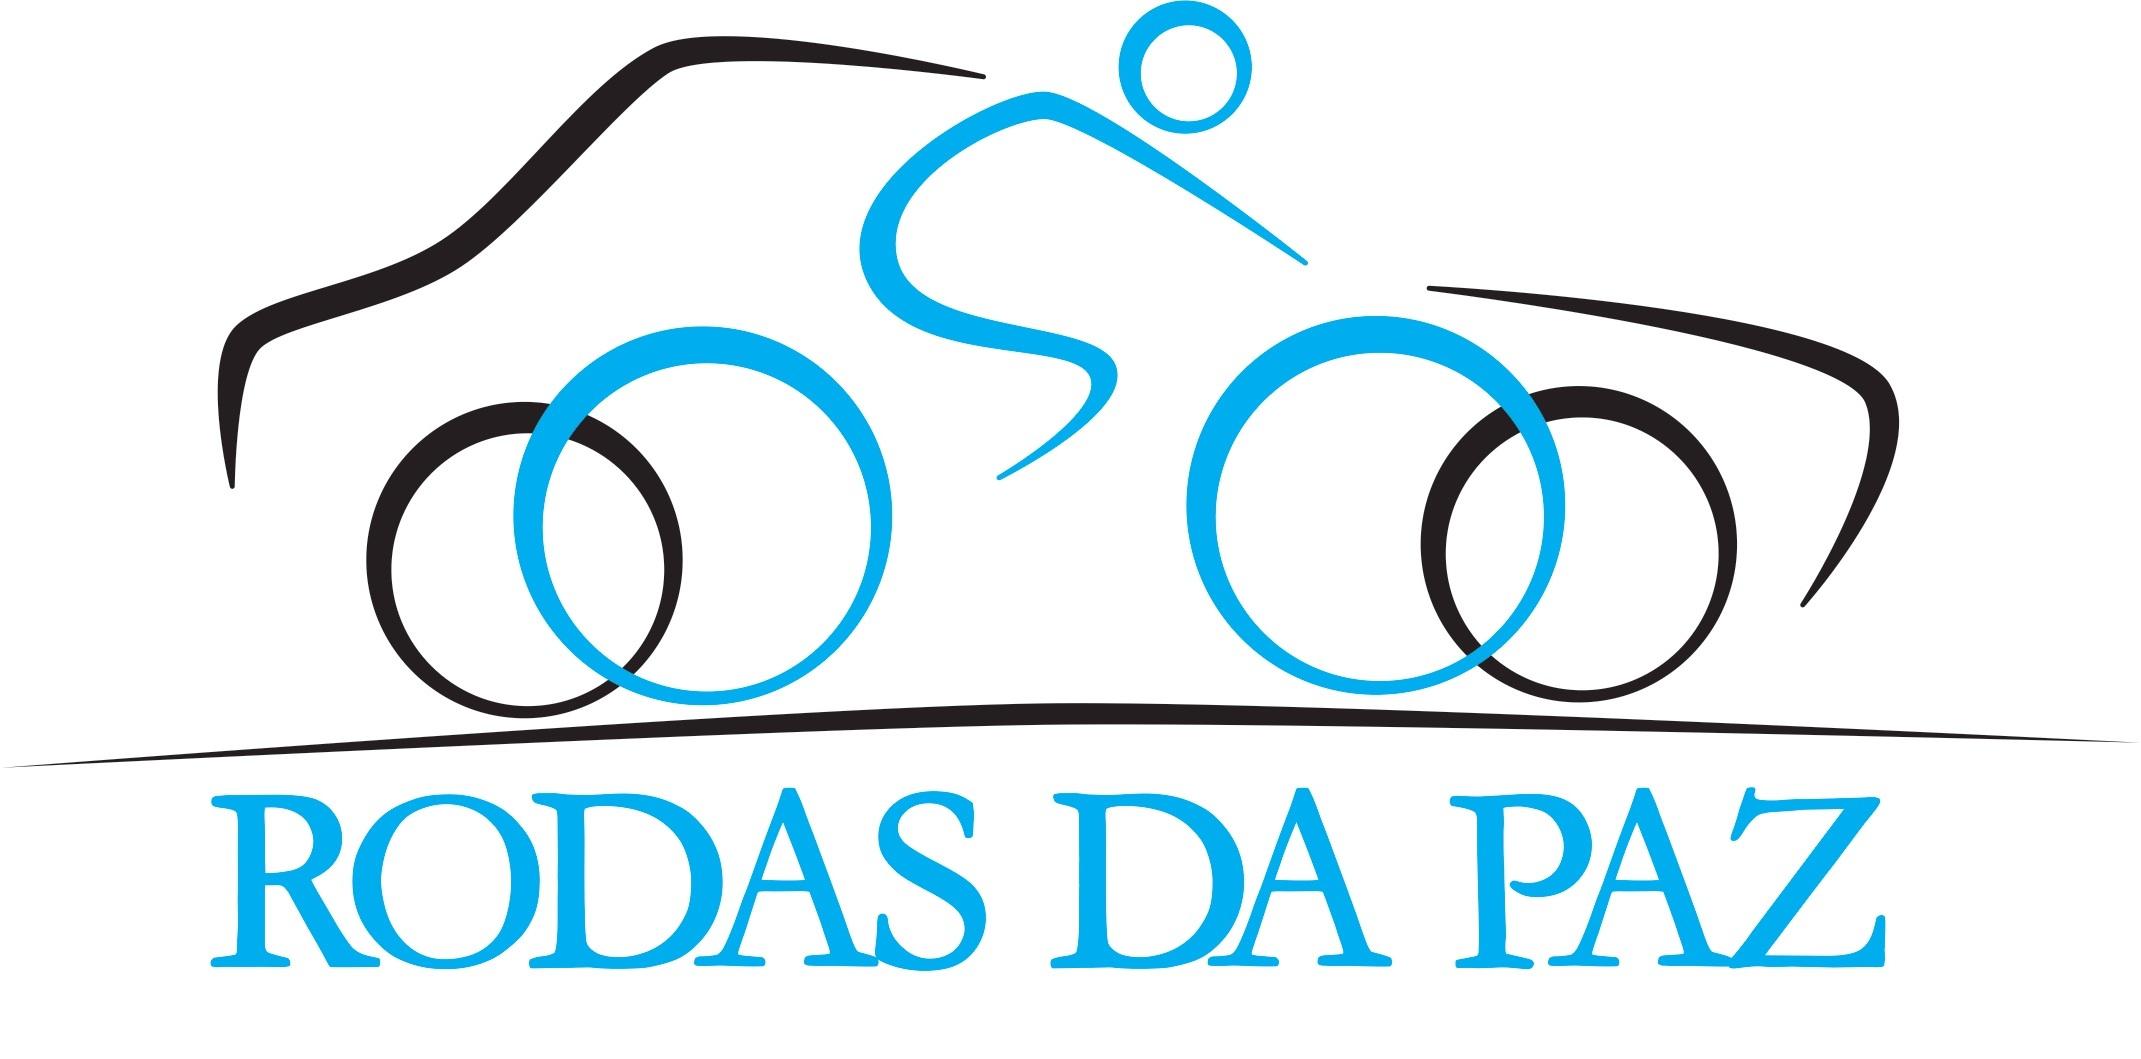 rodas_da_paz